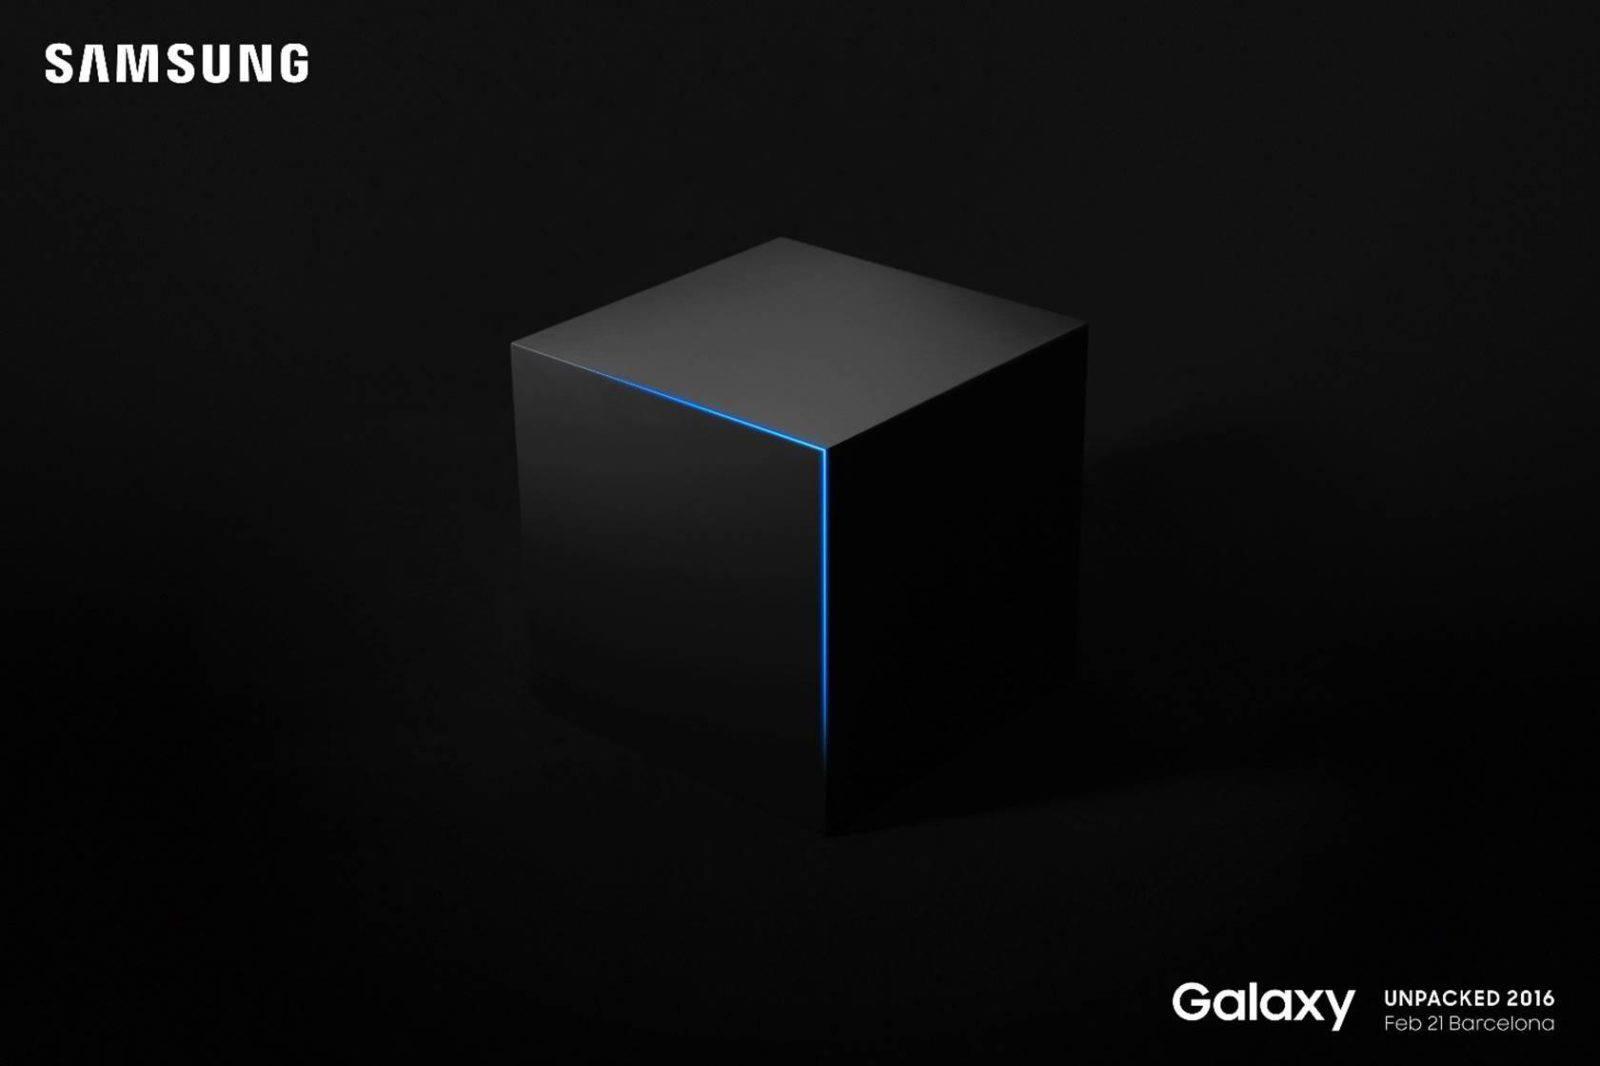 Samsung Unpacked 2016 MWC